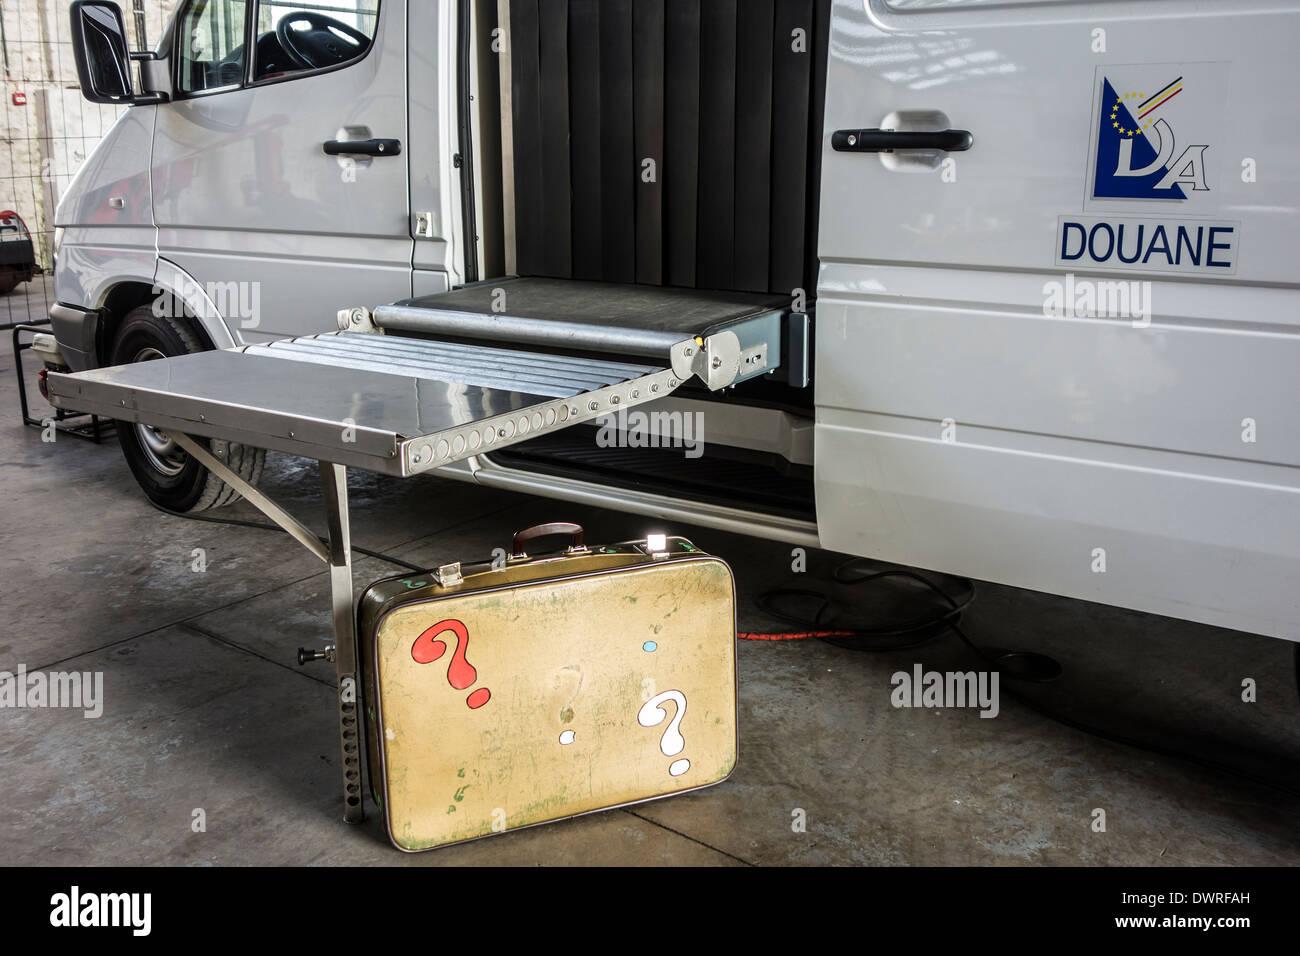 X-ray Gepäck Scannen Fahrzeug des belgischen Zolls für die Erkennung von Waffen, Sprengstoffen und Drogen in verdächtiges Gepäck, Belgien Stockbild